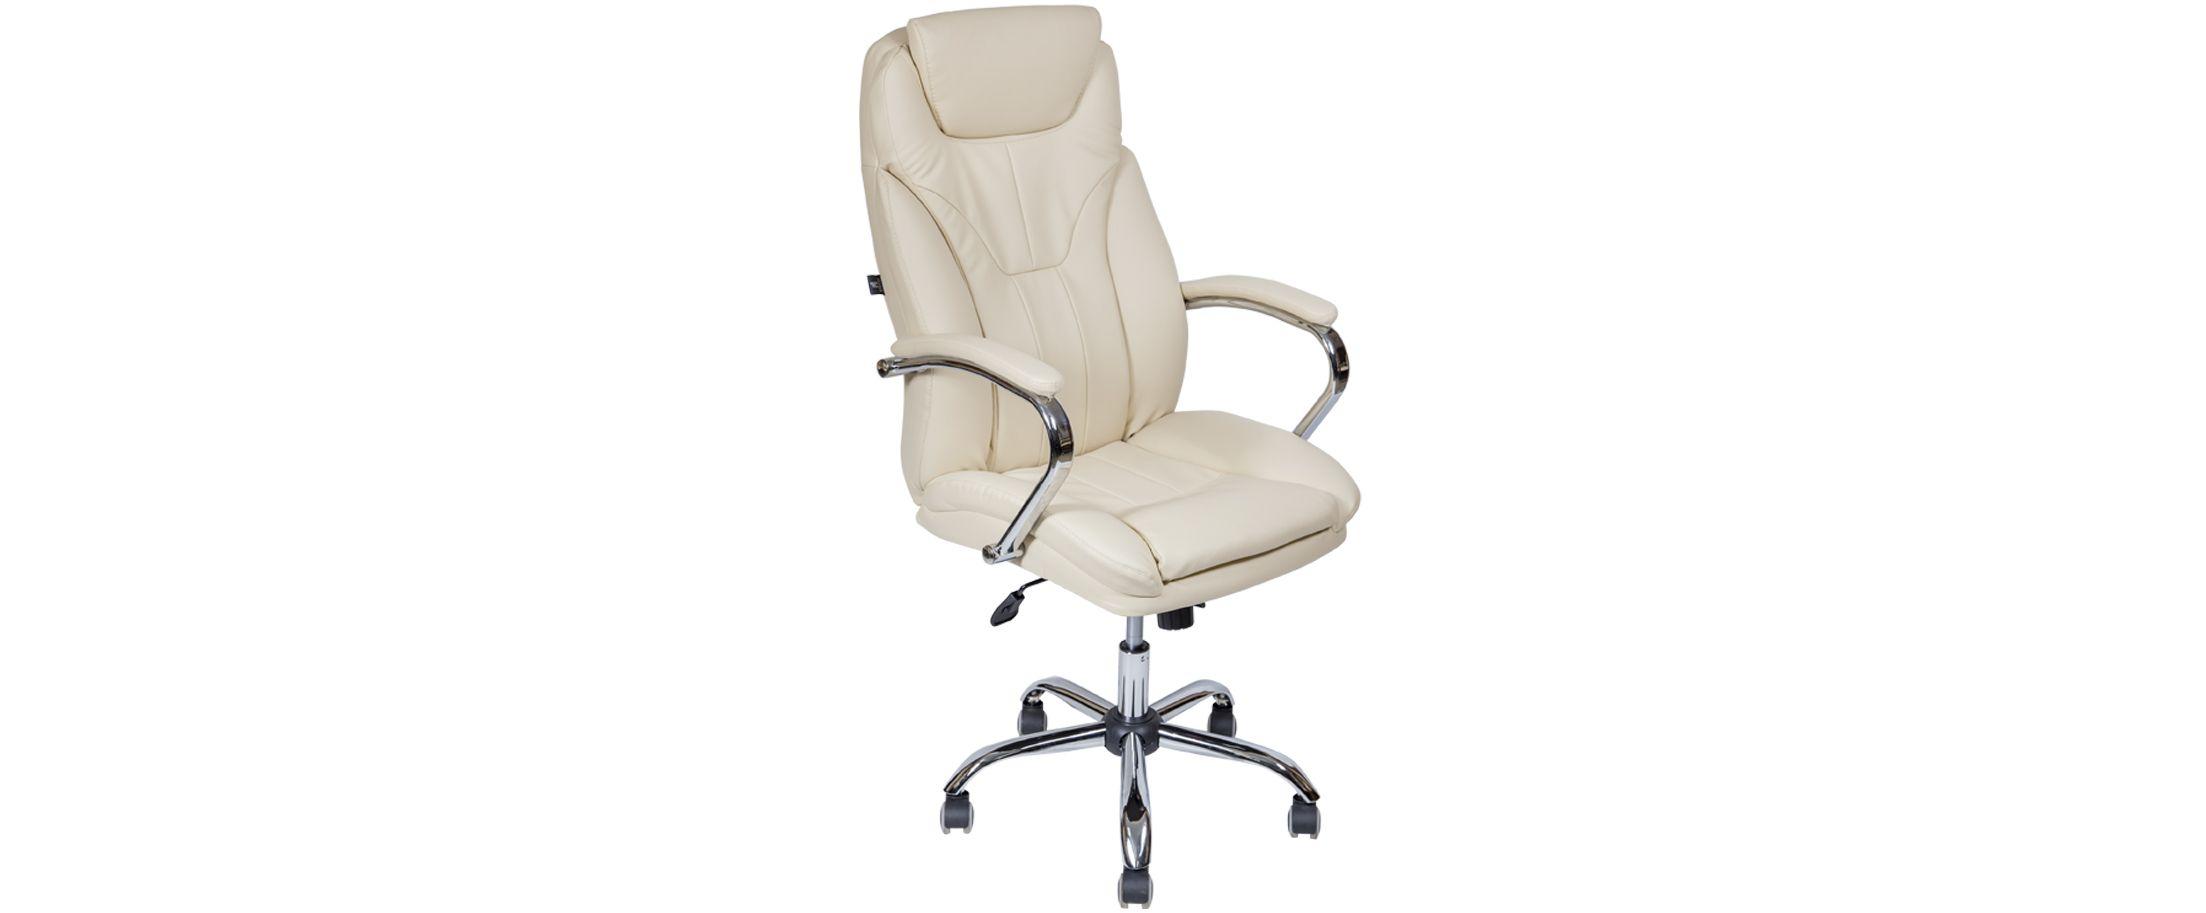 Кресло офисное AV 117 из экокожи цвет слоновая кость Модель 999 от MOON TRADE